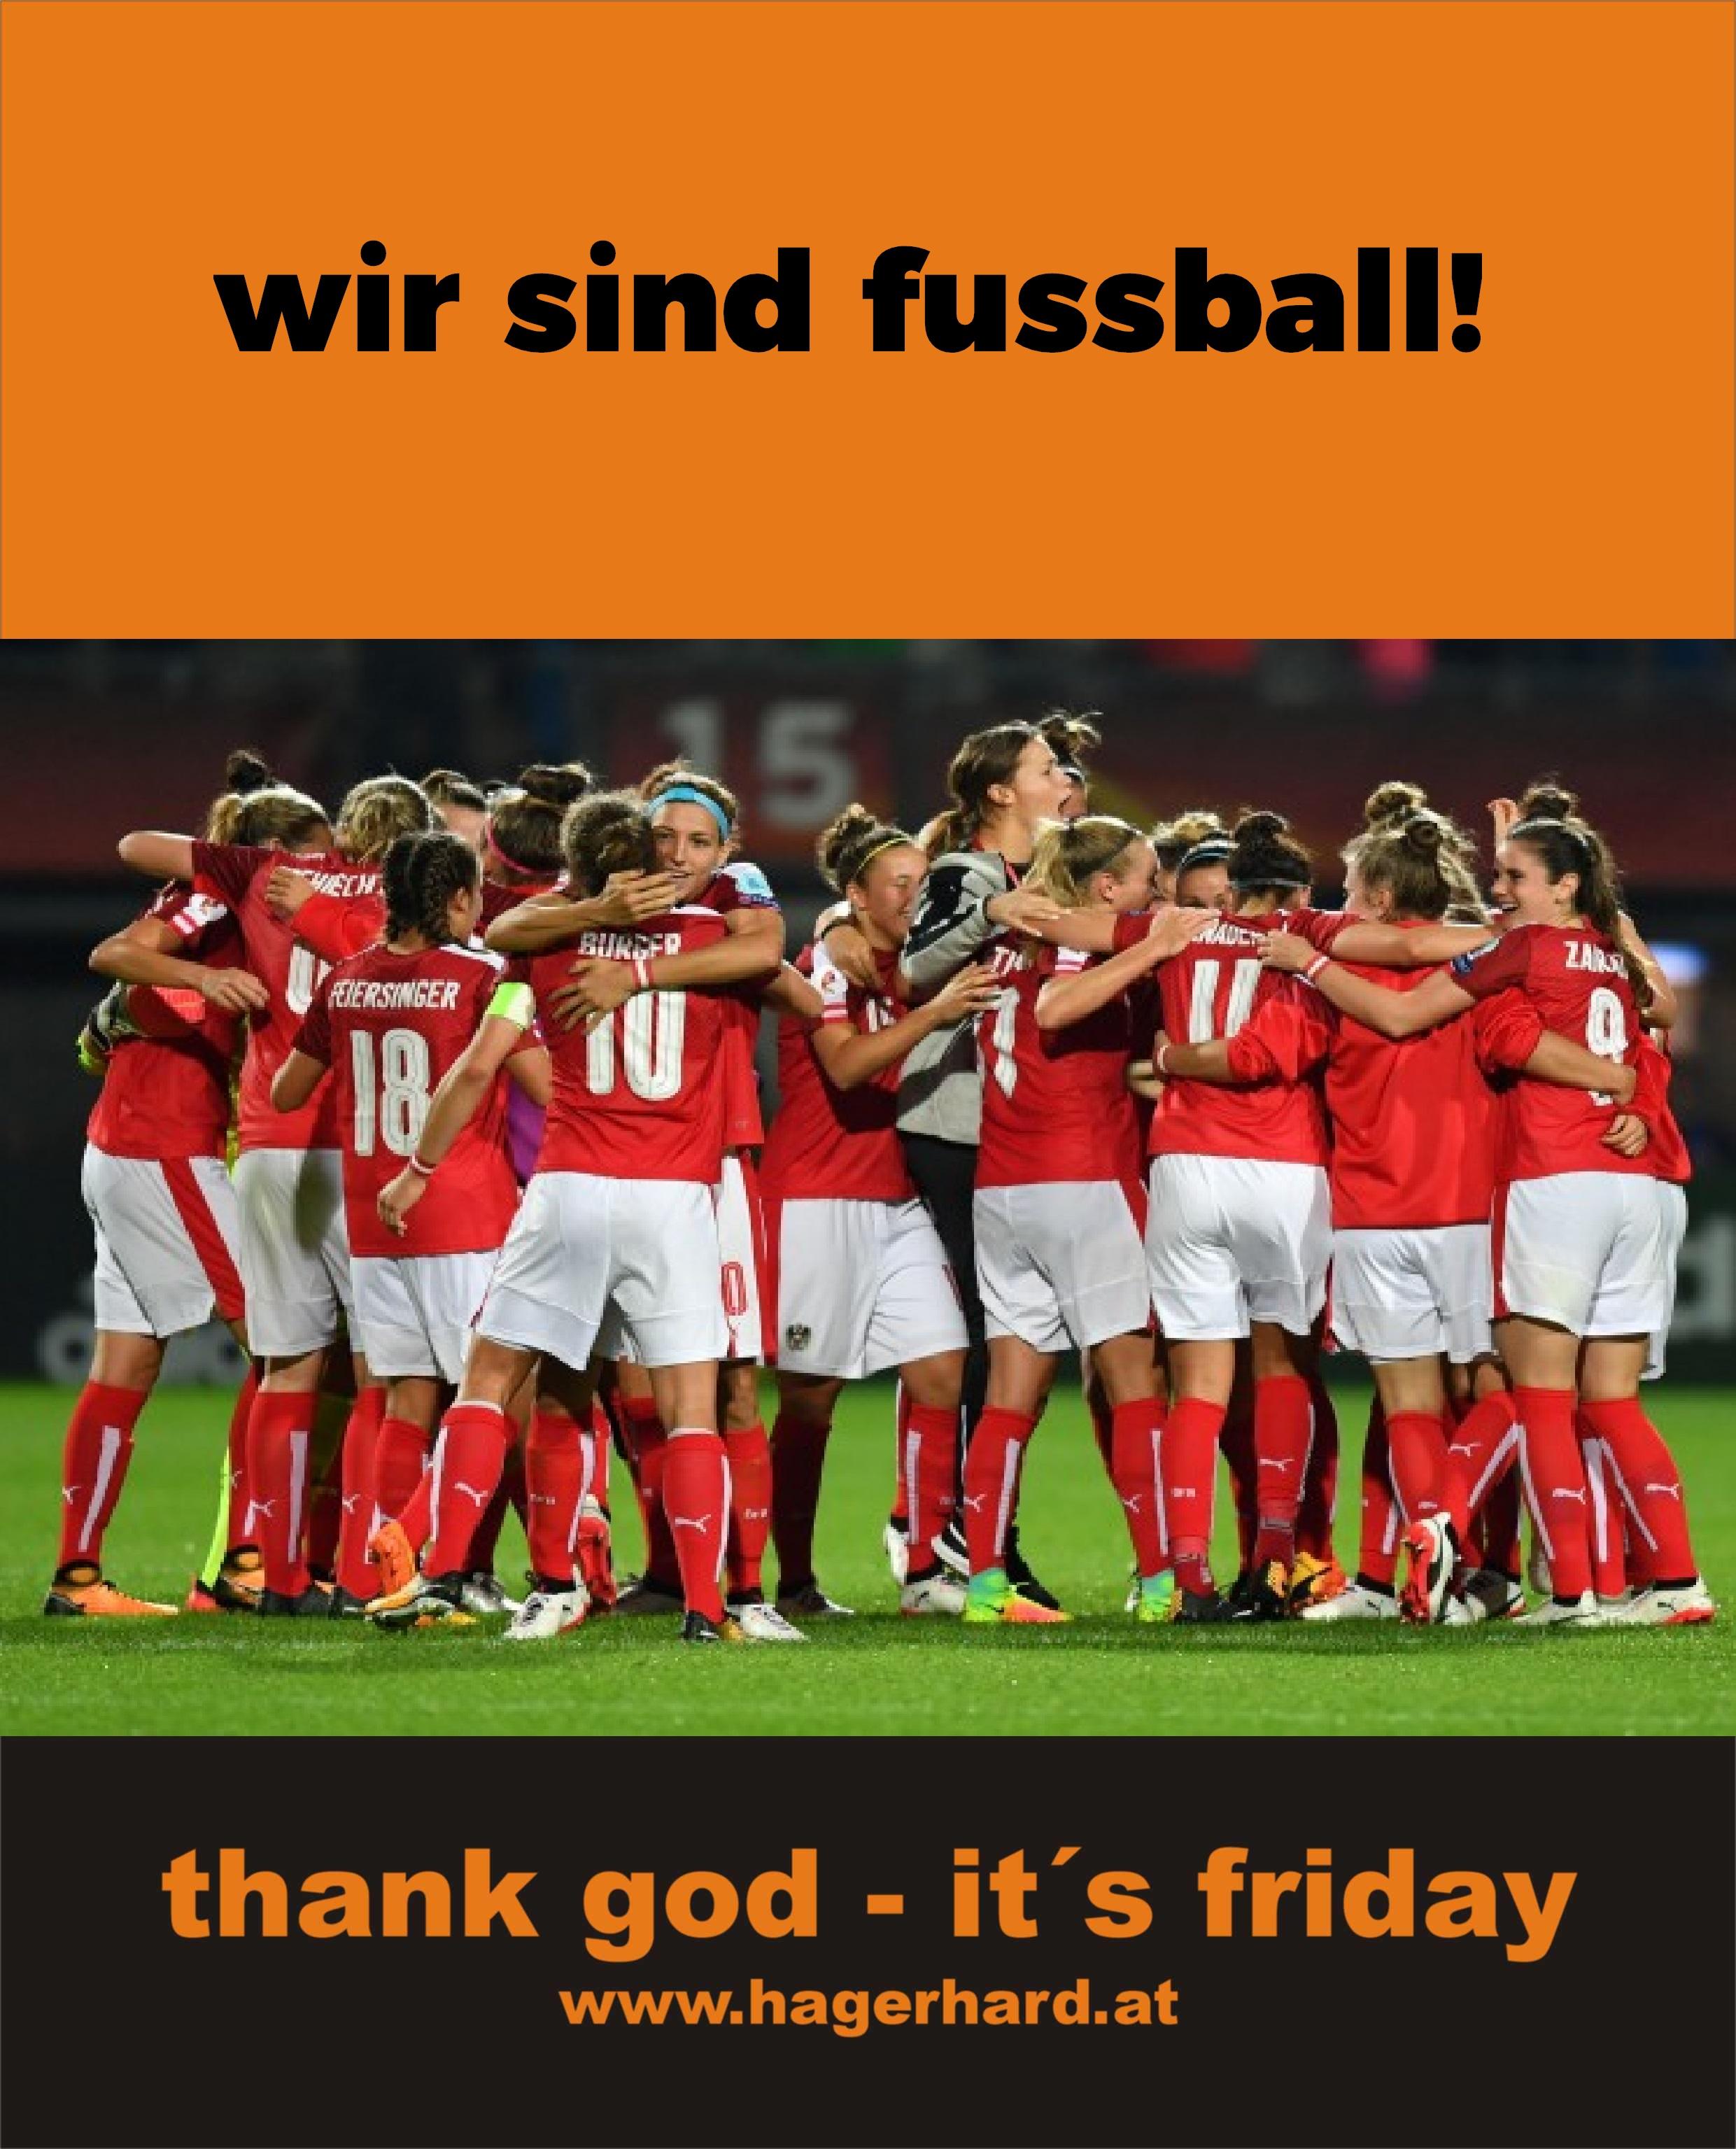 wir sind fussball!